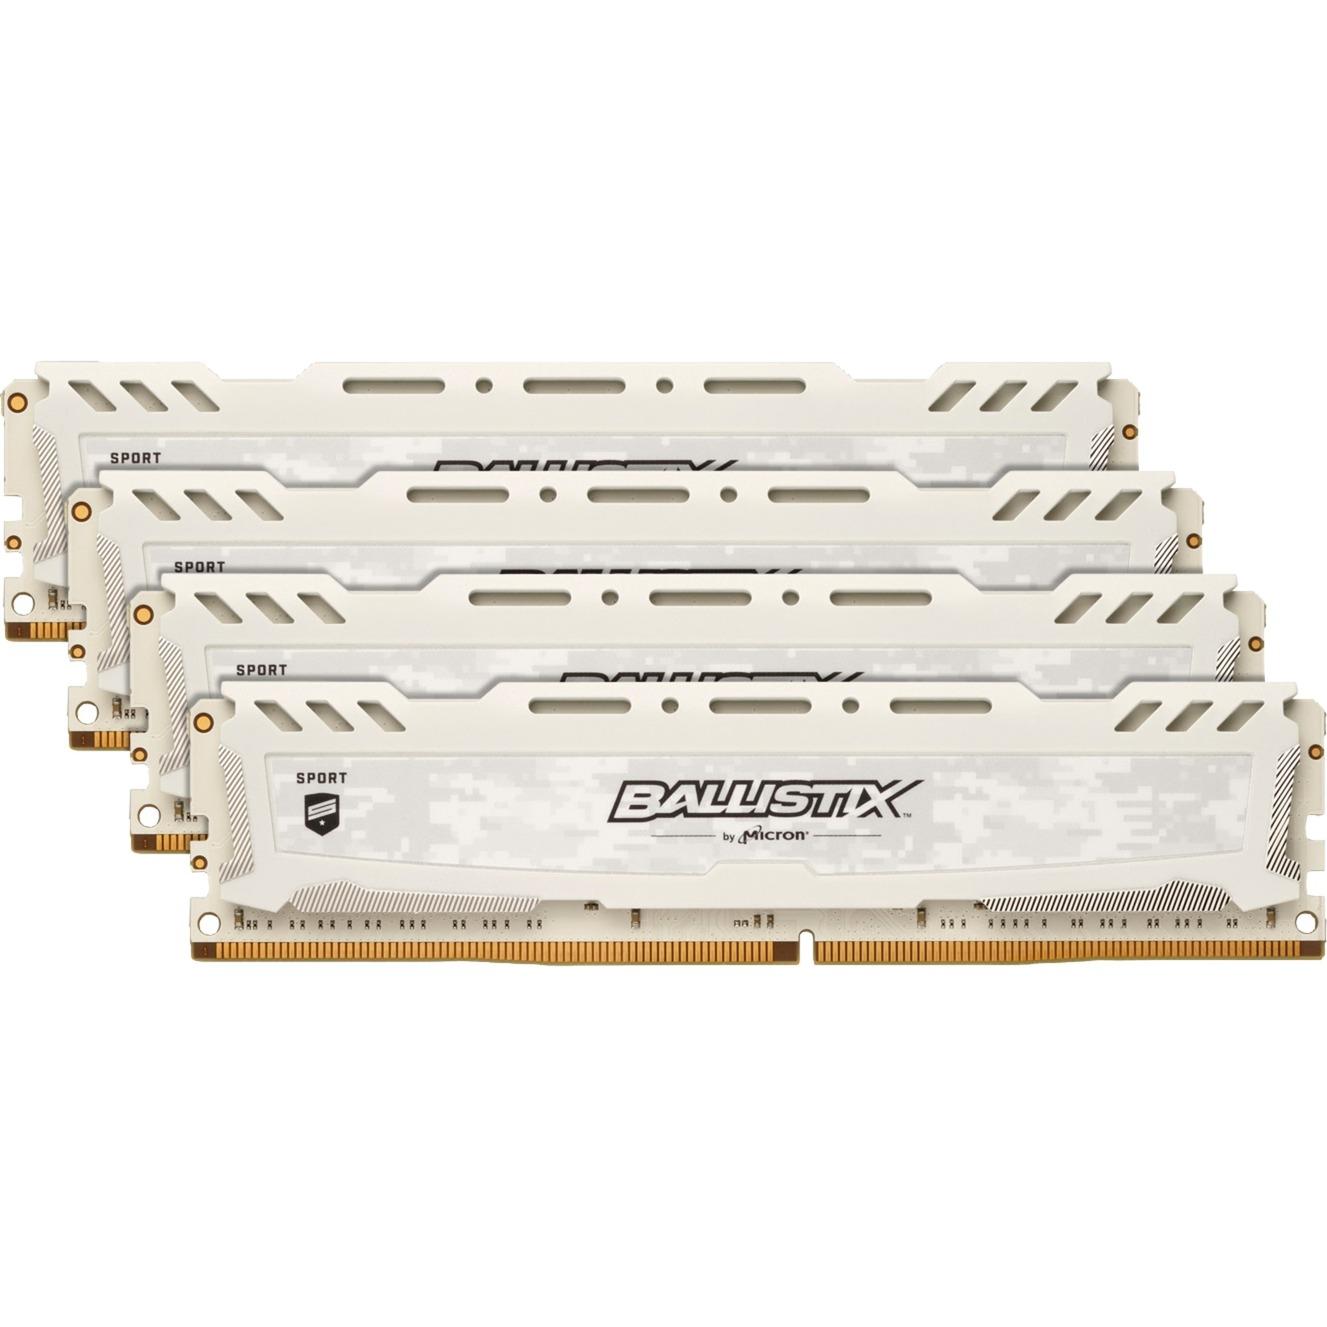 Ballistix Sport LT White 16 Go (2 x 8 Go) DDR4 2400 MHz CL16 DR, Mémoire